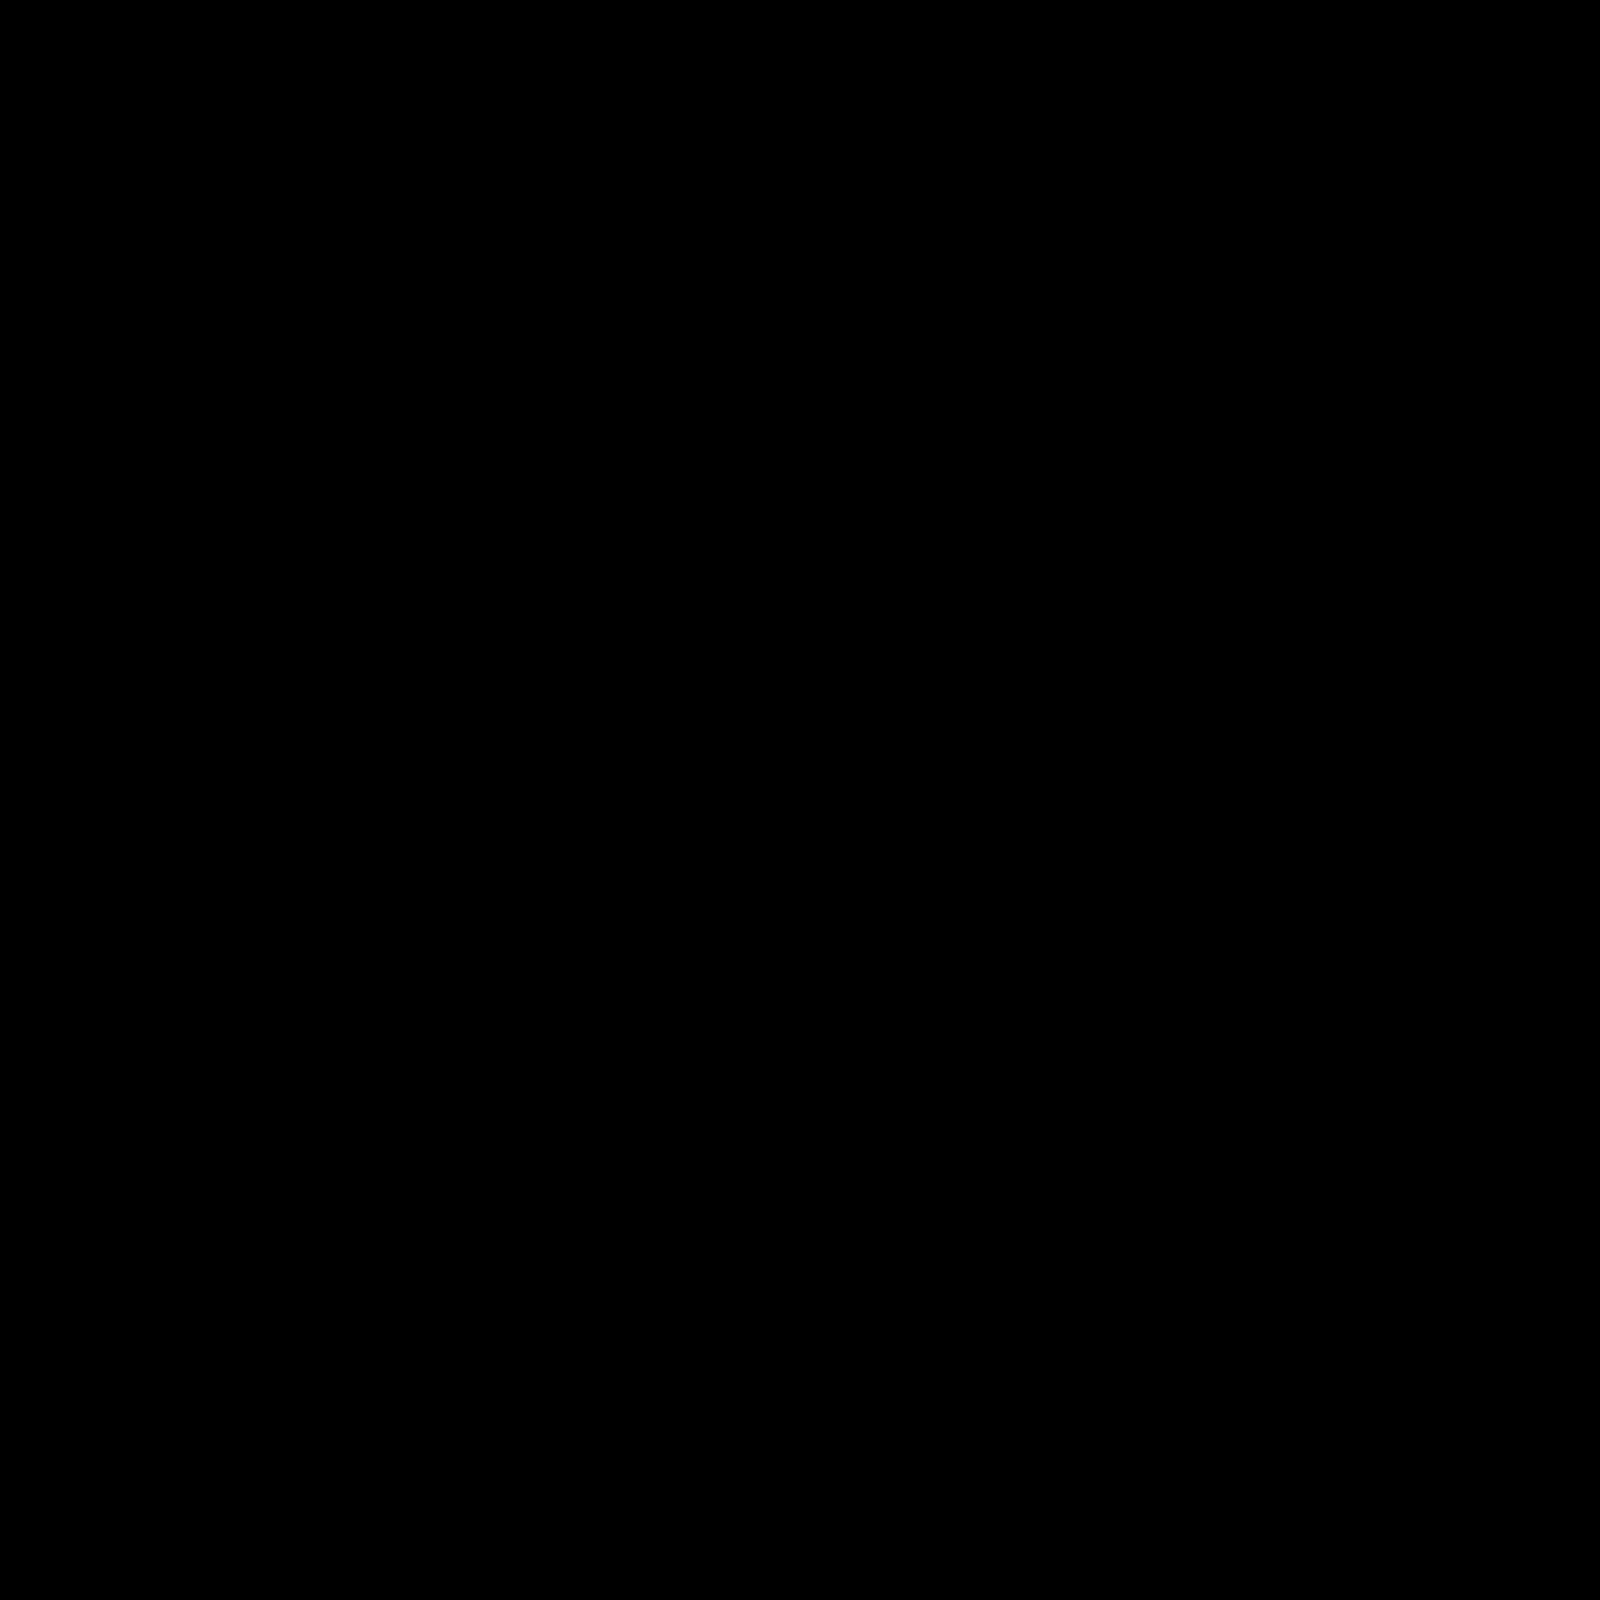 Йога icon